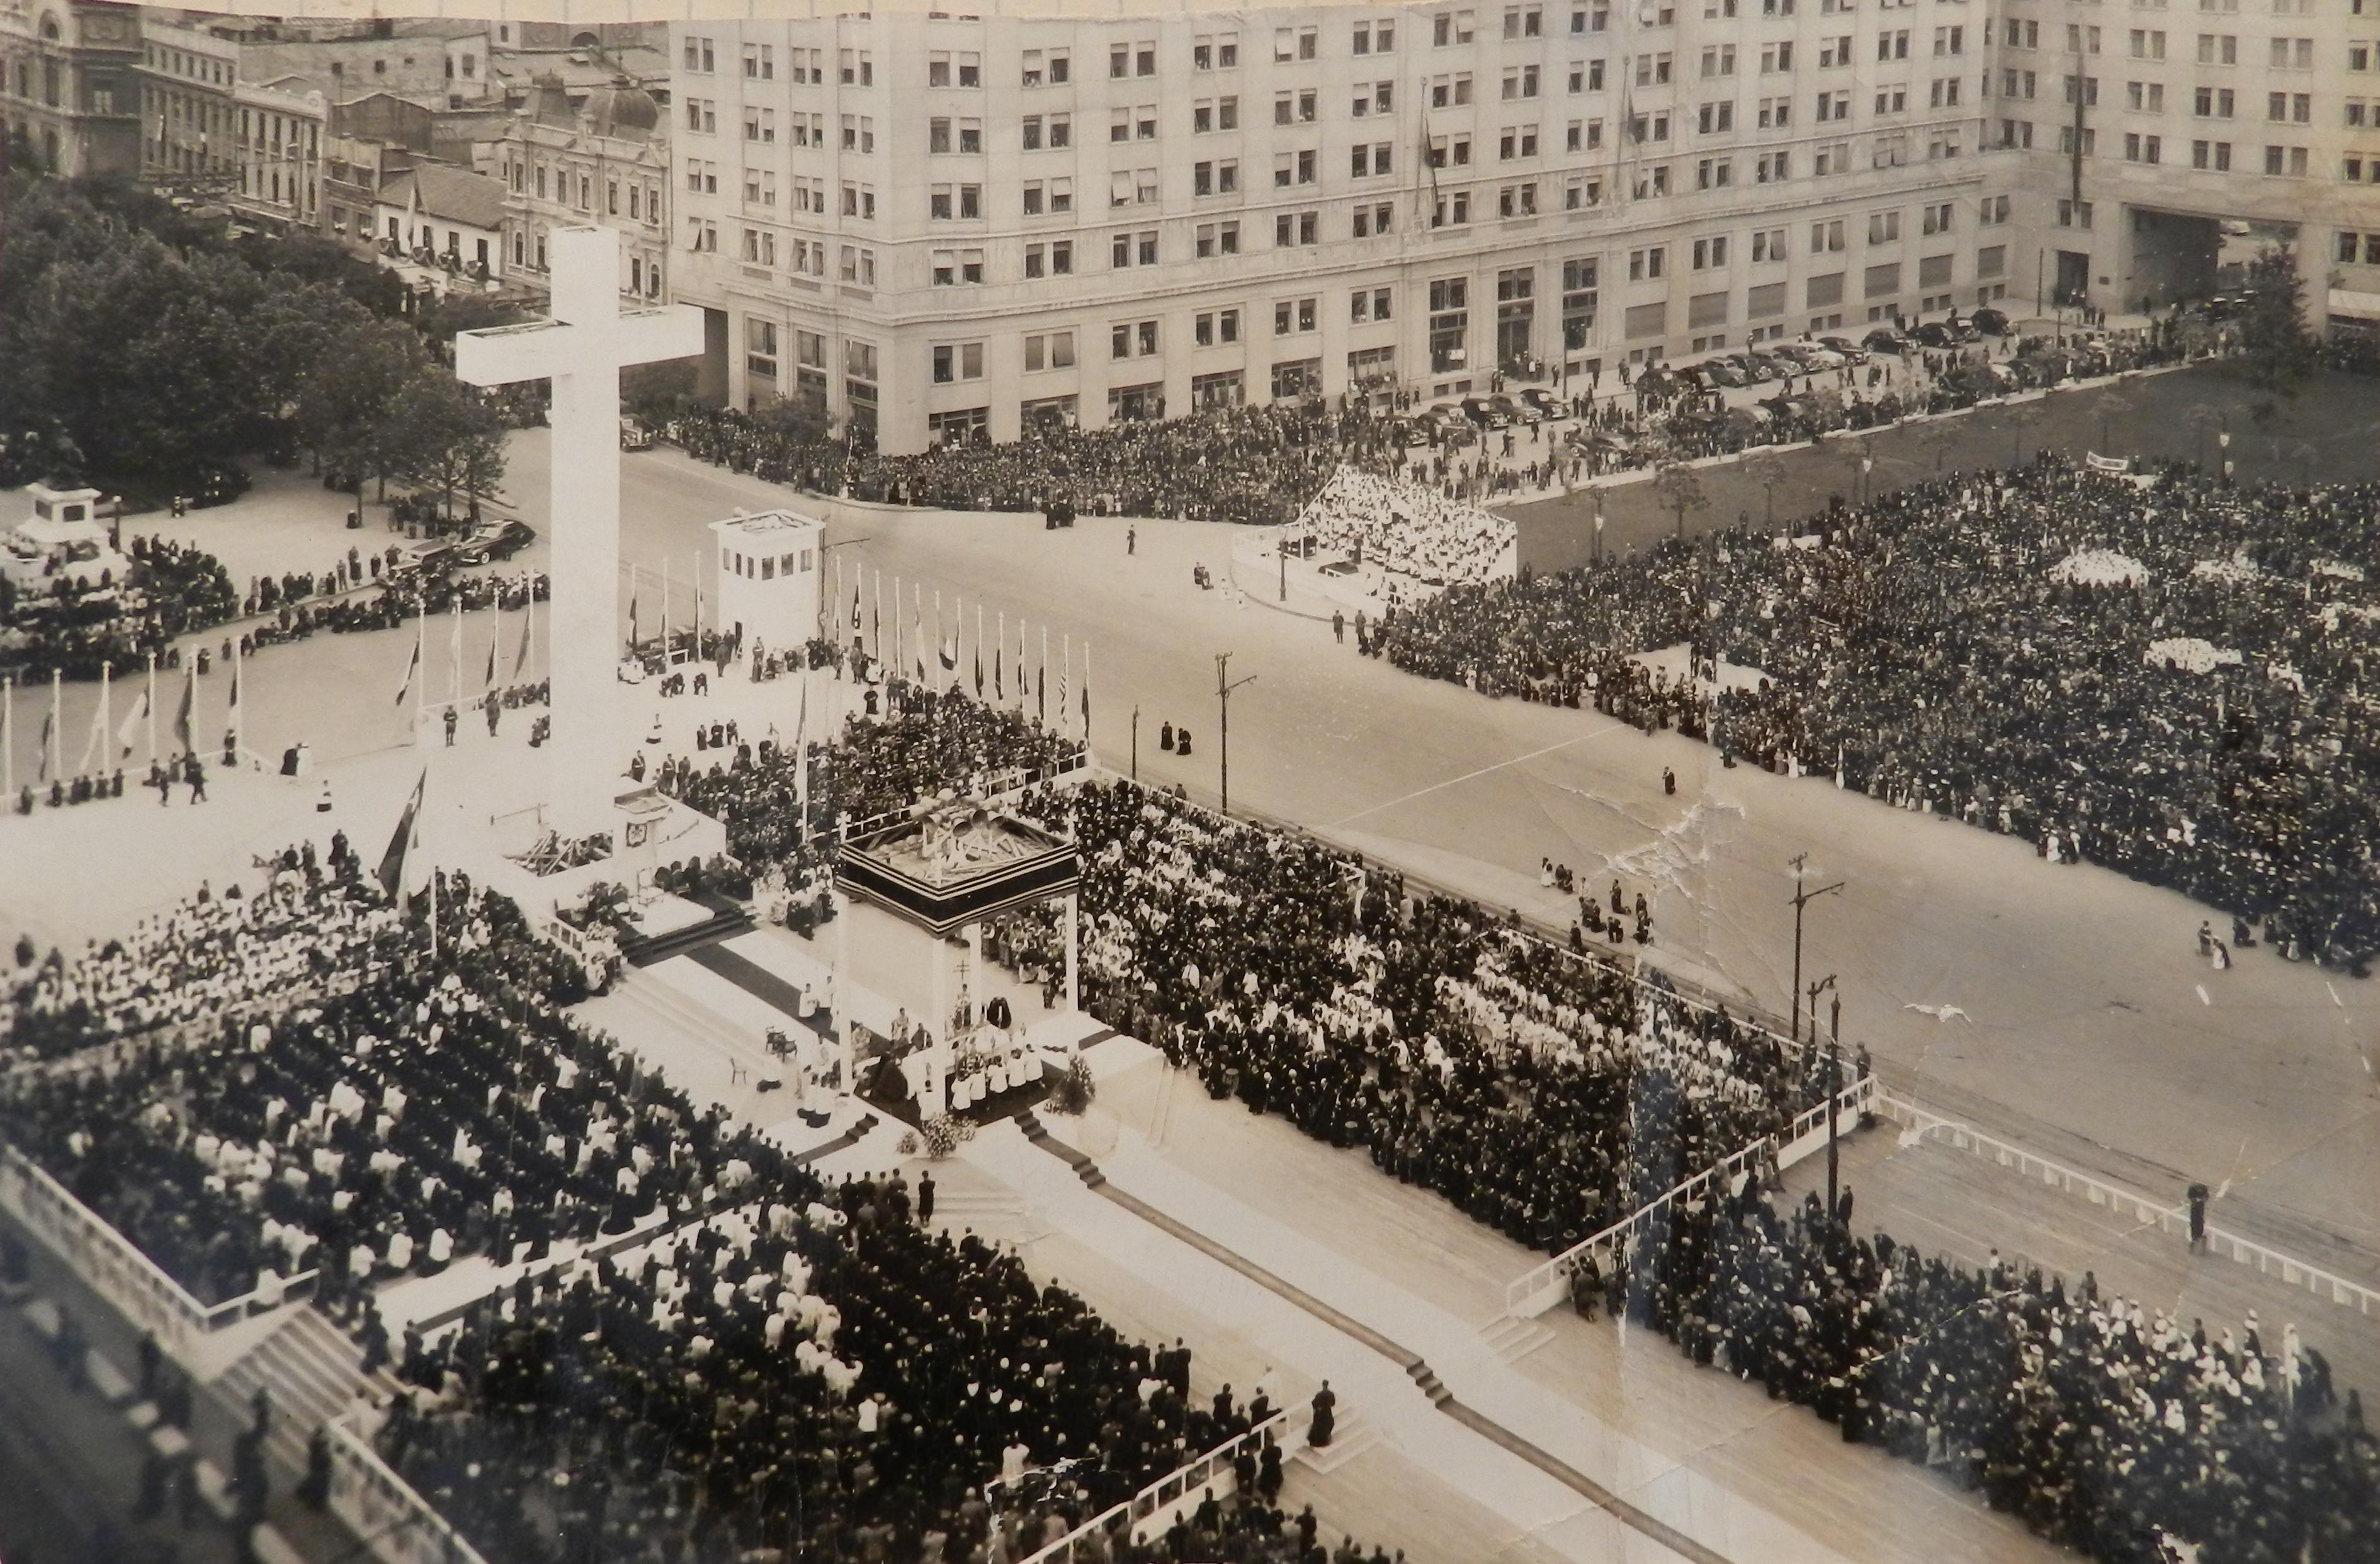 Enterreno - Fotos históricas de chile - fotos antiguas de Chile - Ceremonia en la plaza de la ciudadanía, ca 1935